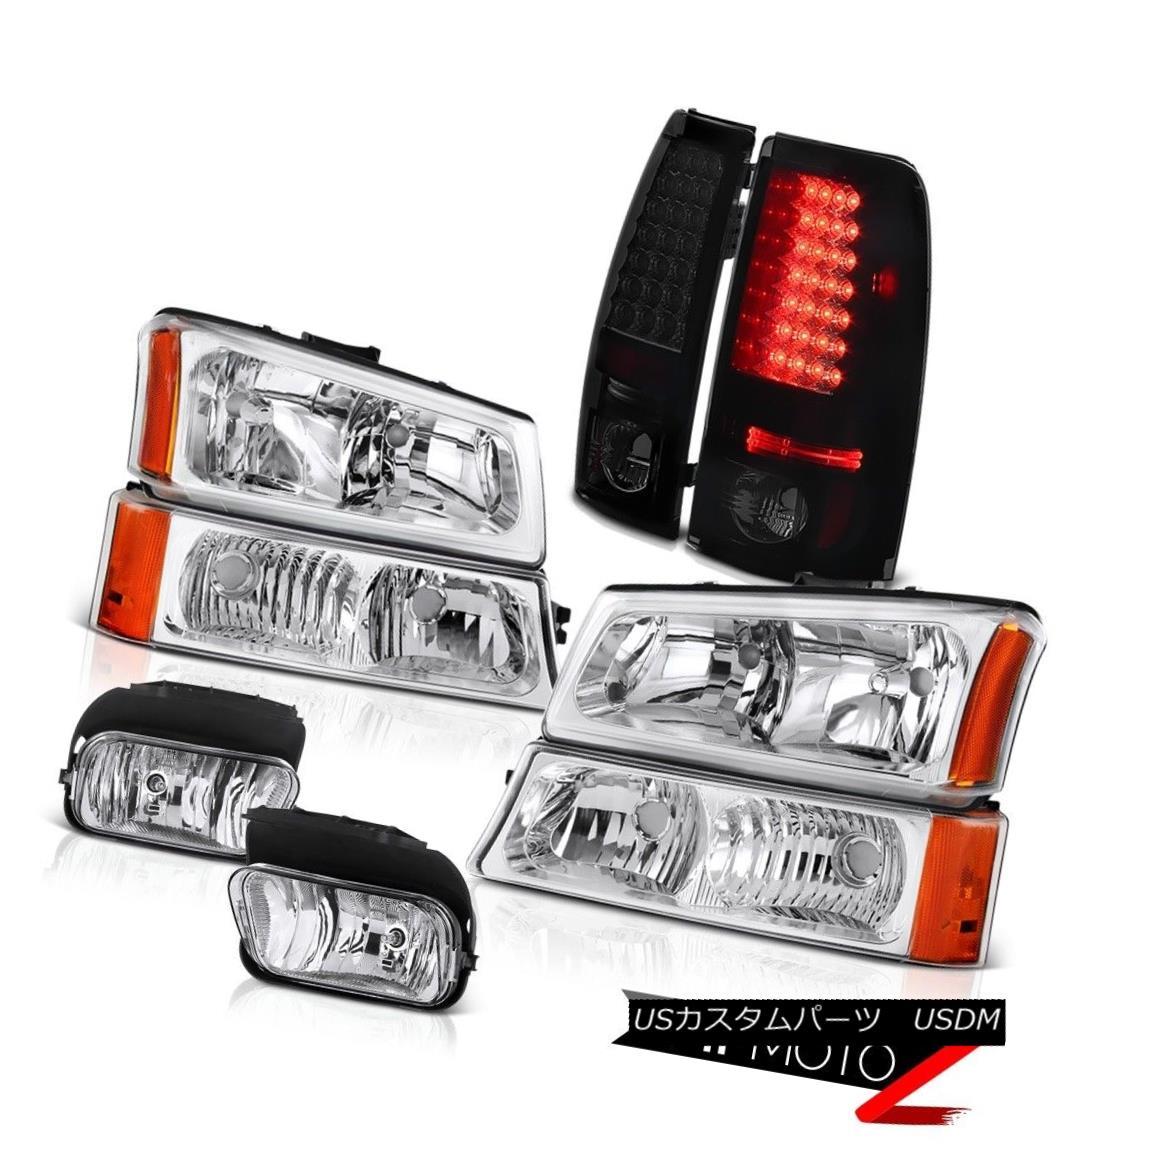 テールライト 03 04 05 06 Silverado SS Euro Bumper+Headlamps Sinister Black LED Tail Light Fog 03 04 05 06 Silverado SSユーロバンパー+ヘッドラム ps詐欺師Black LEDテールライトフォグ